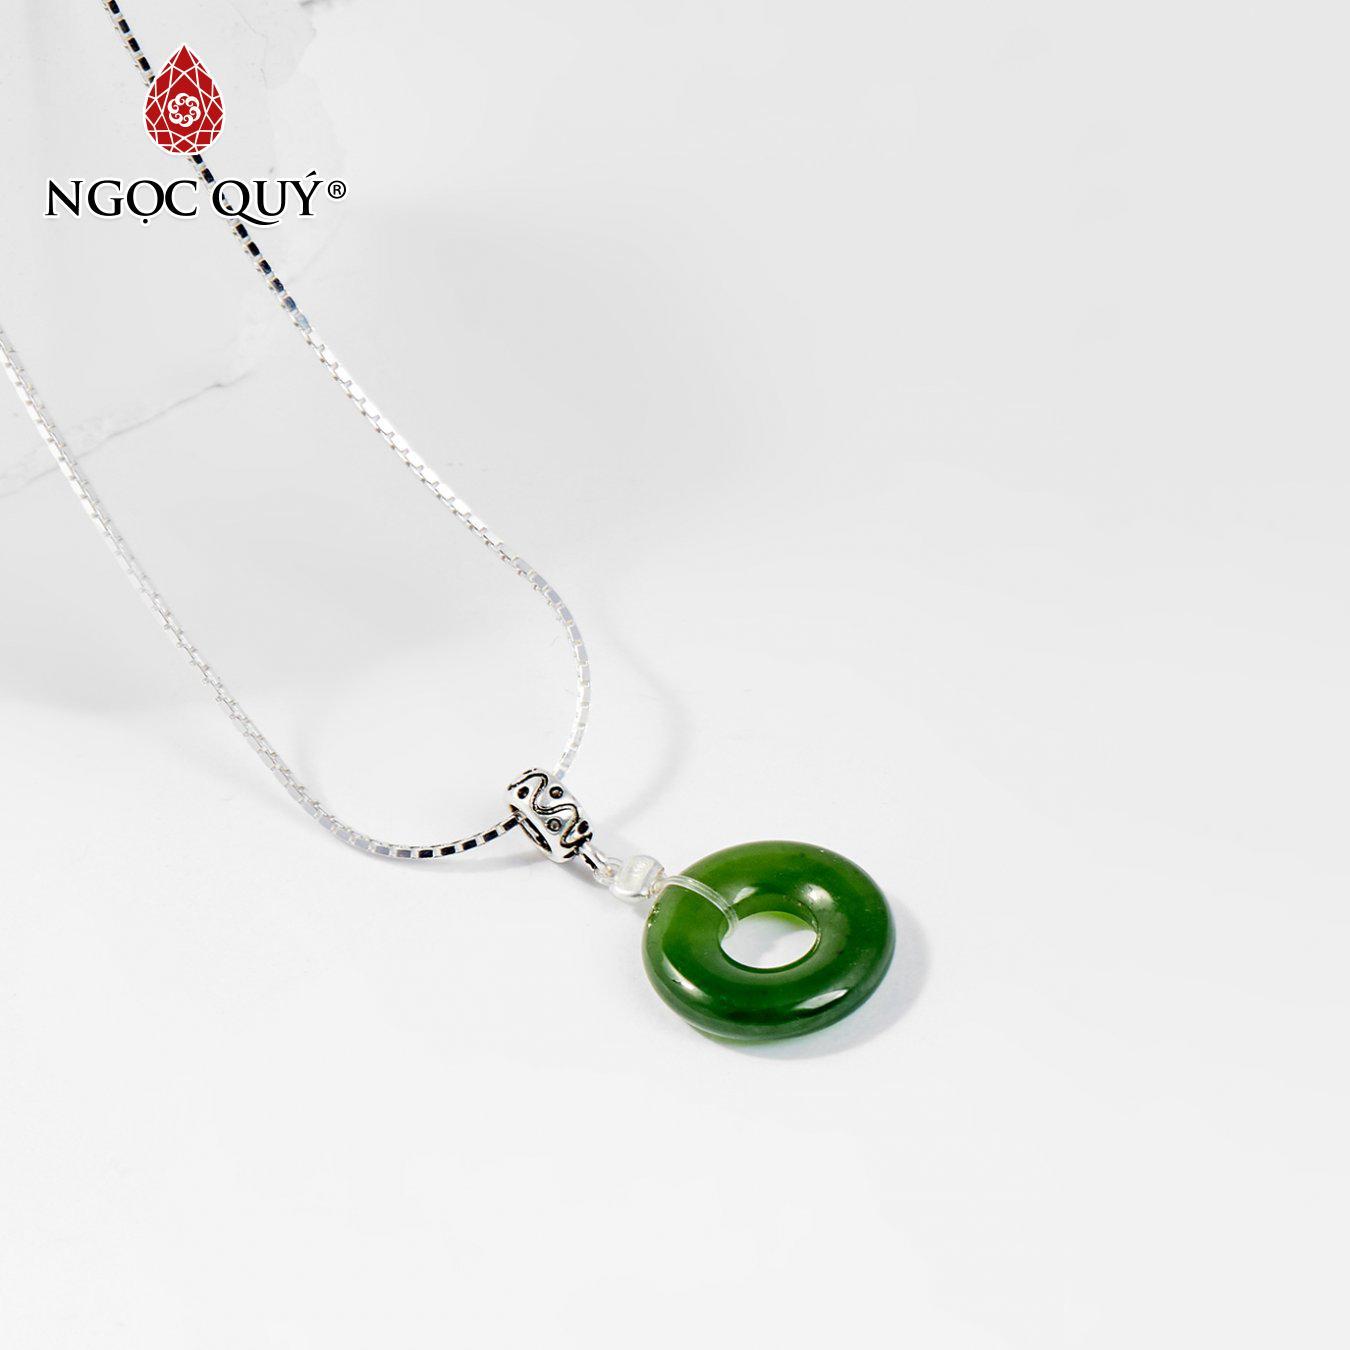 Mặt dây chuyền đá ngọc bích đồng điếu 1.3cm tặng dây chuyền mệnh hỏa,mộc (màu xanh ngọc) - Ngọc Quý Gemstones